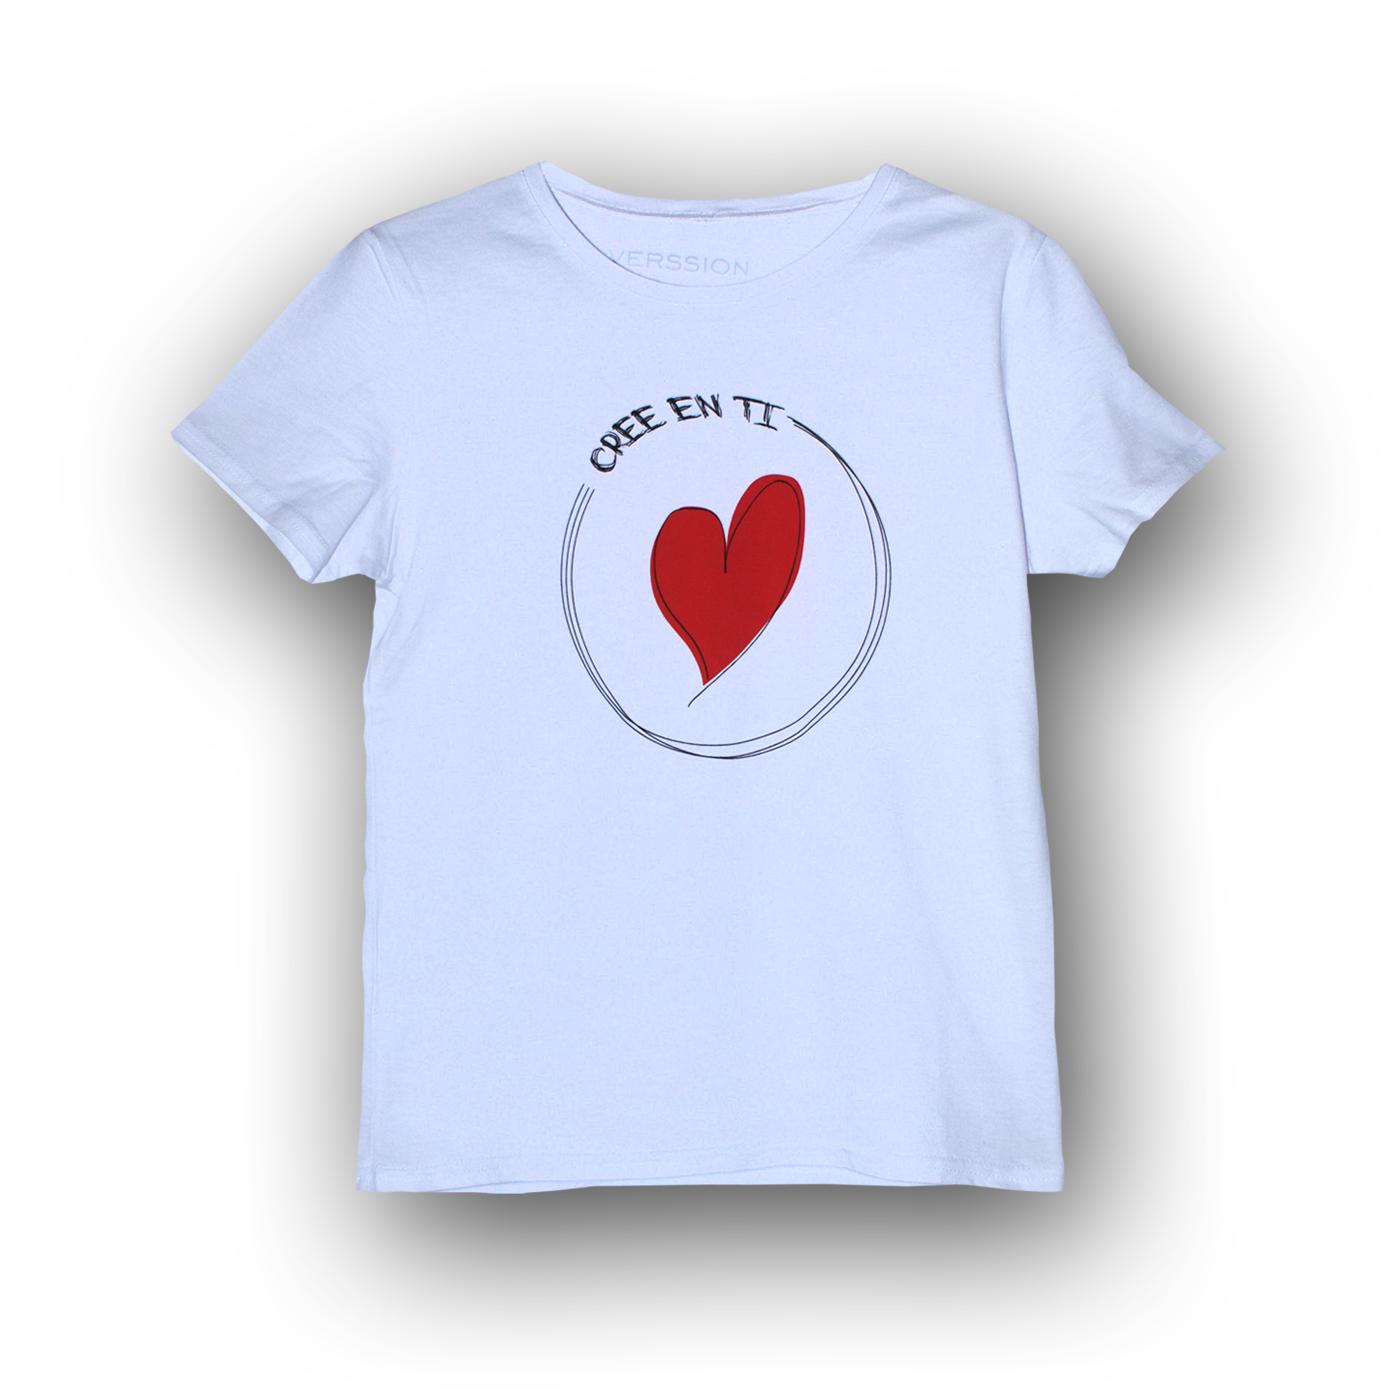 Verssion_Camiseta_Cree